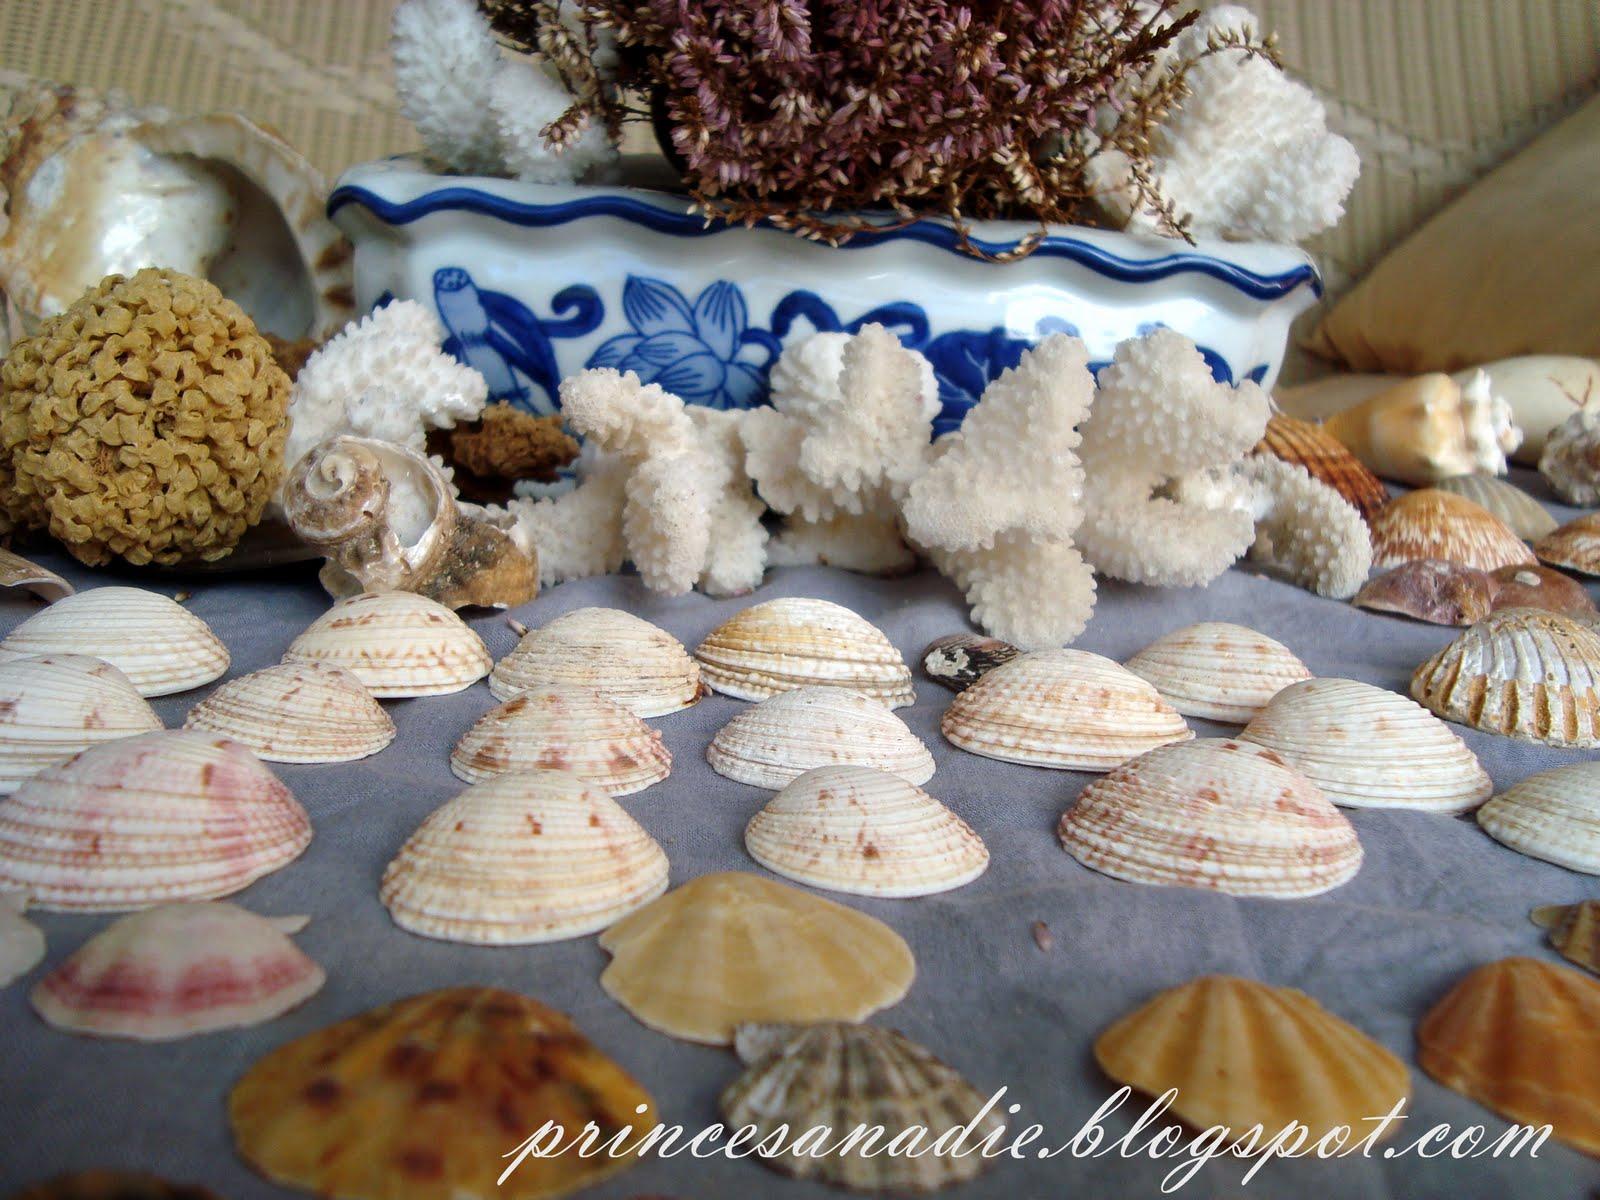 caracoles y conchas de mar.